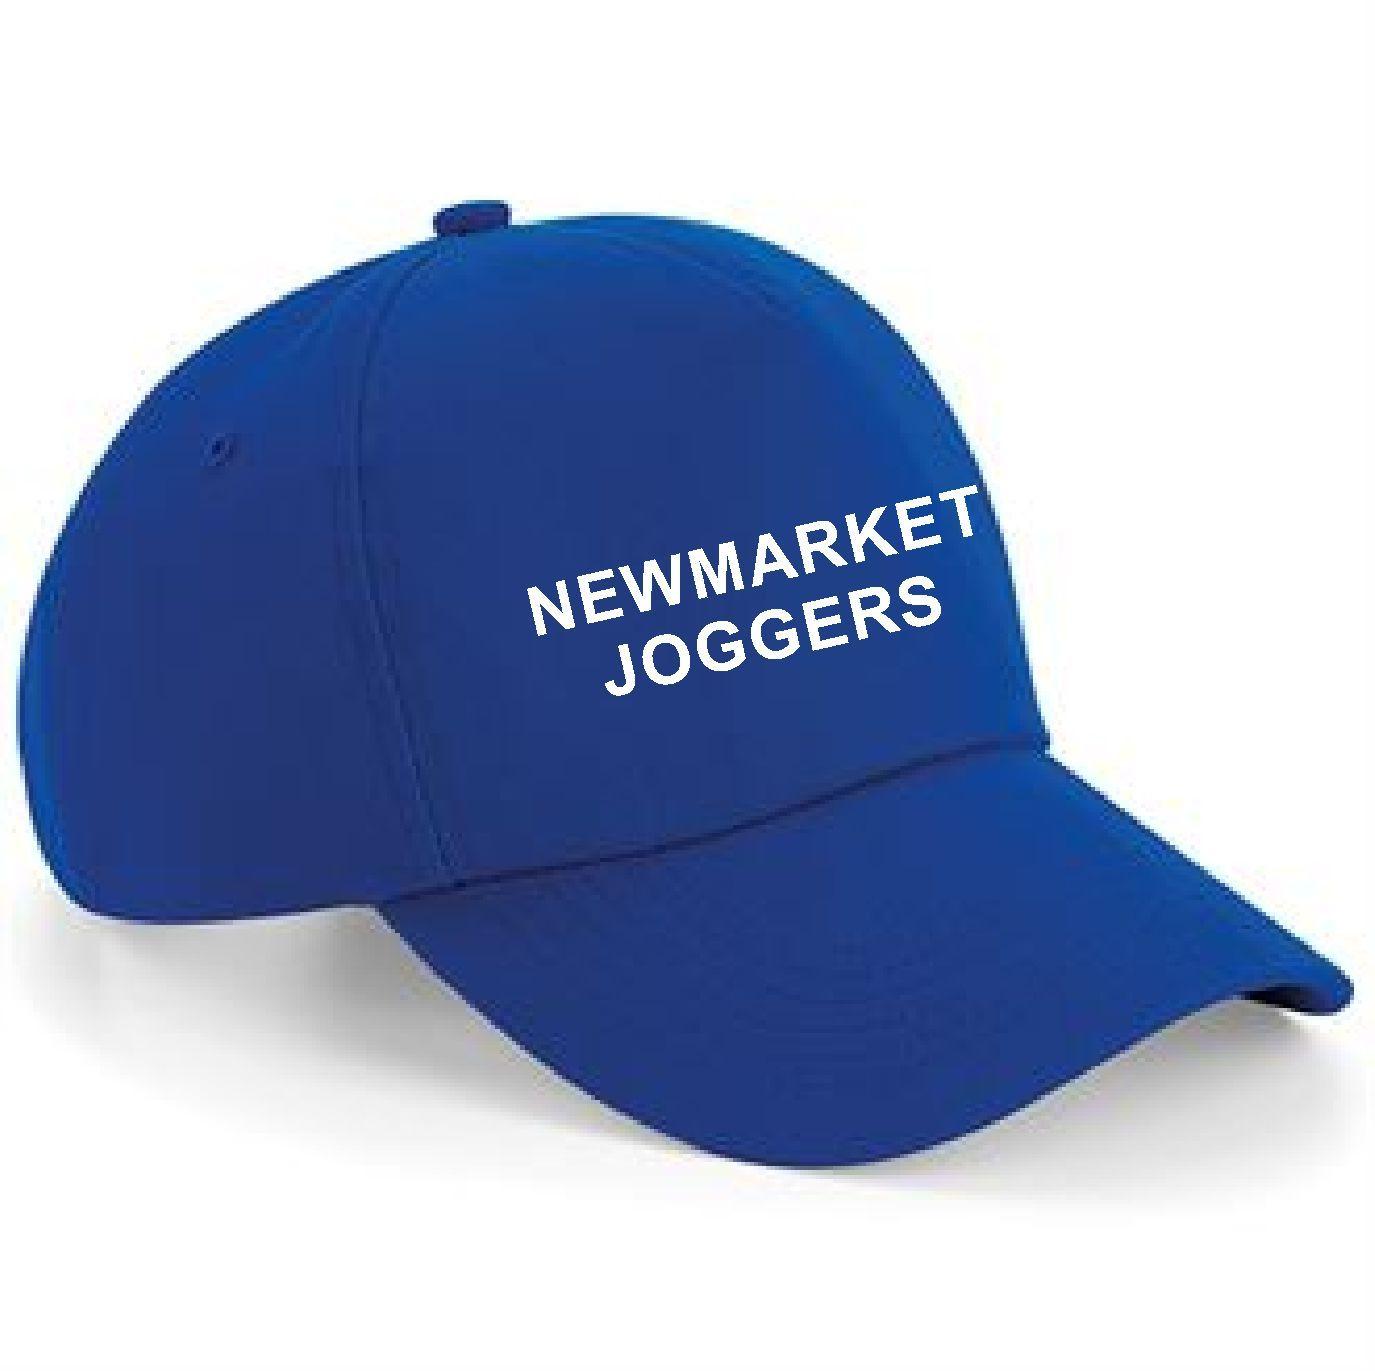 Newmarket Joggers - Cap